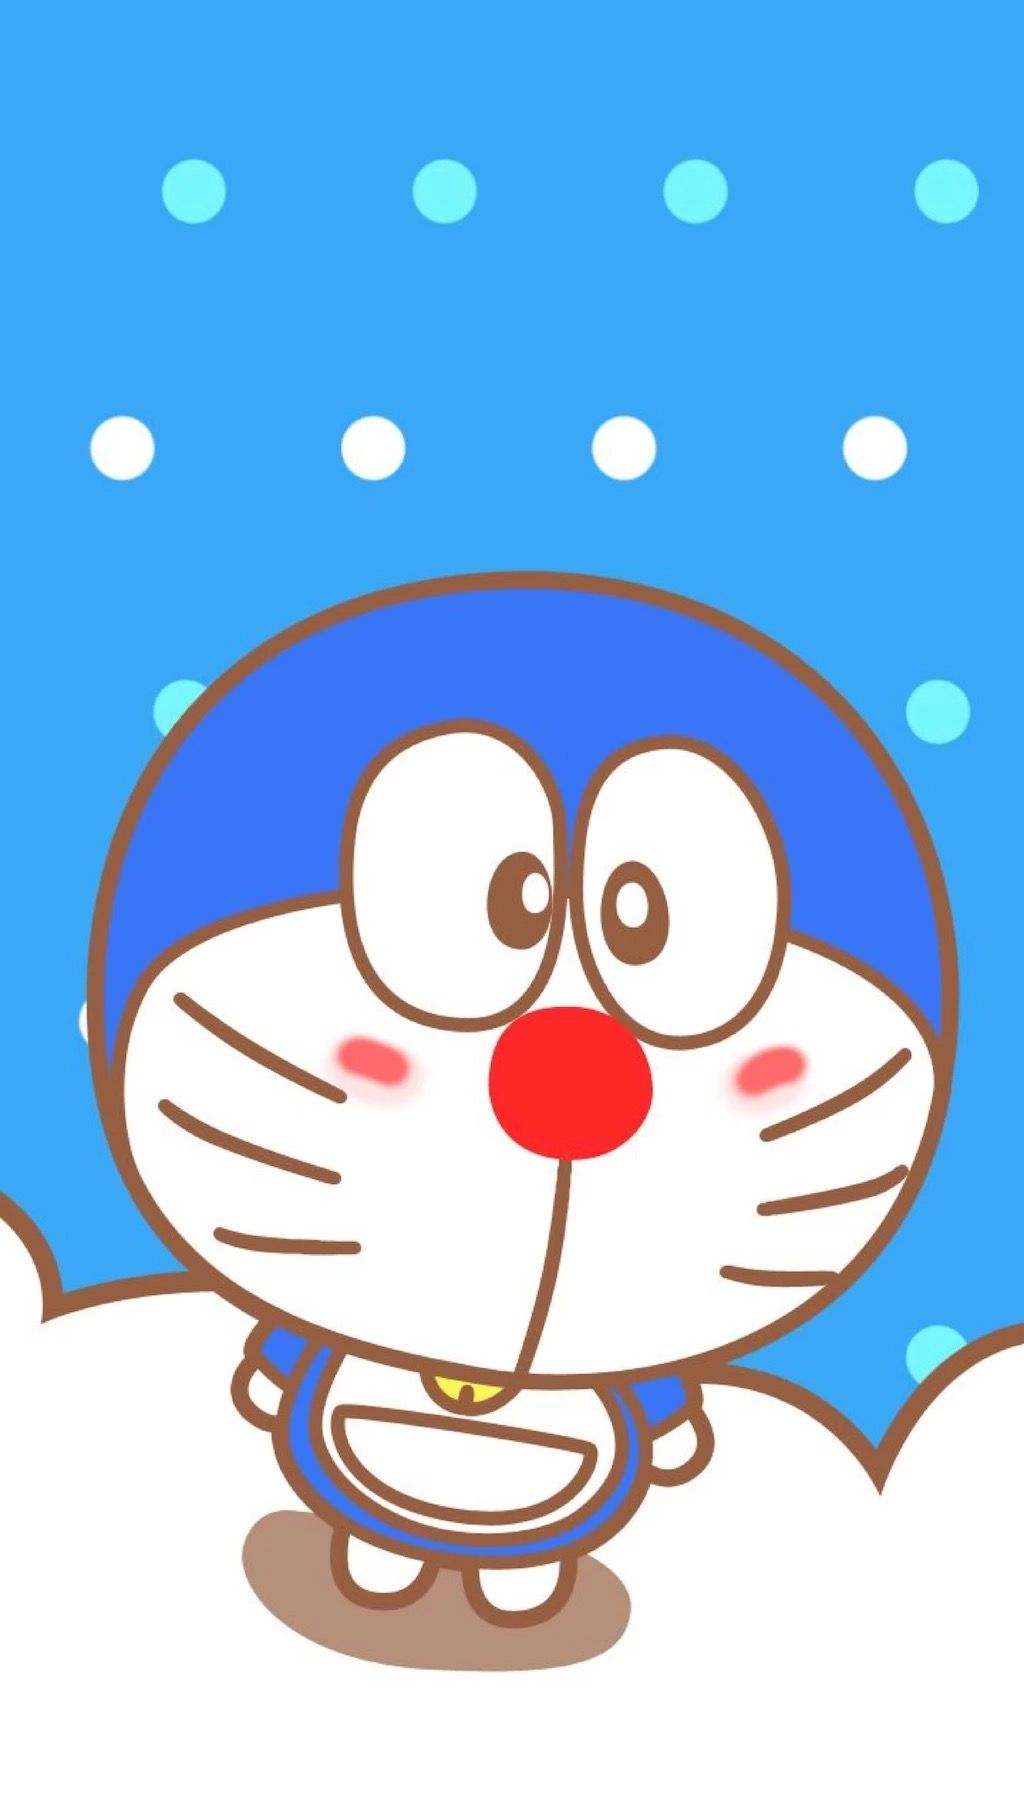 Unduh 90 Koleksi Wallpaper Doraemon Lucu Android Gratis Terbaik